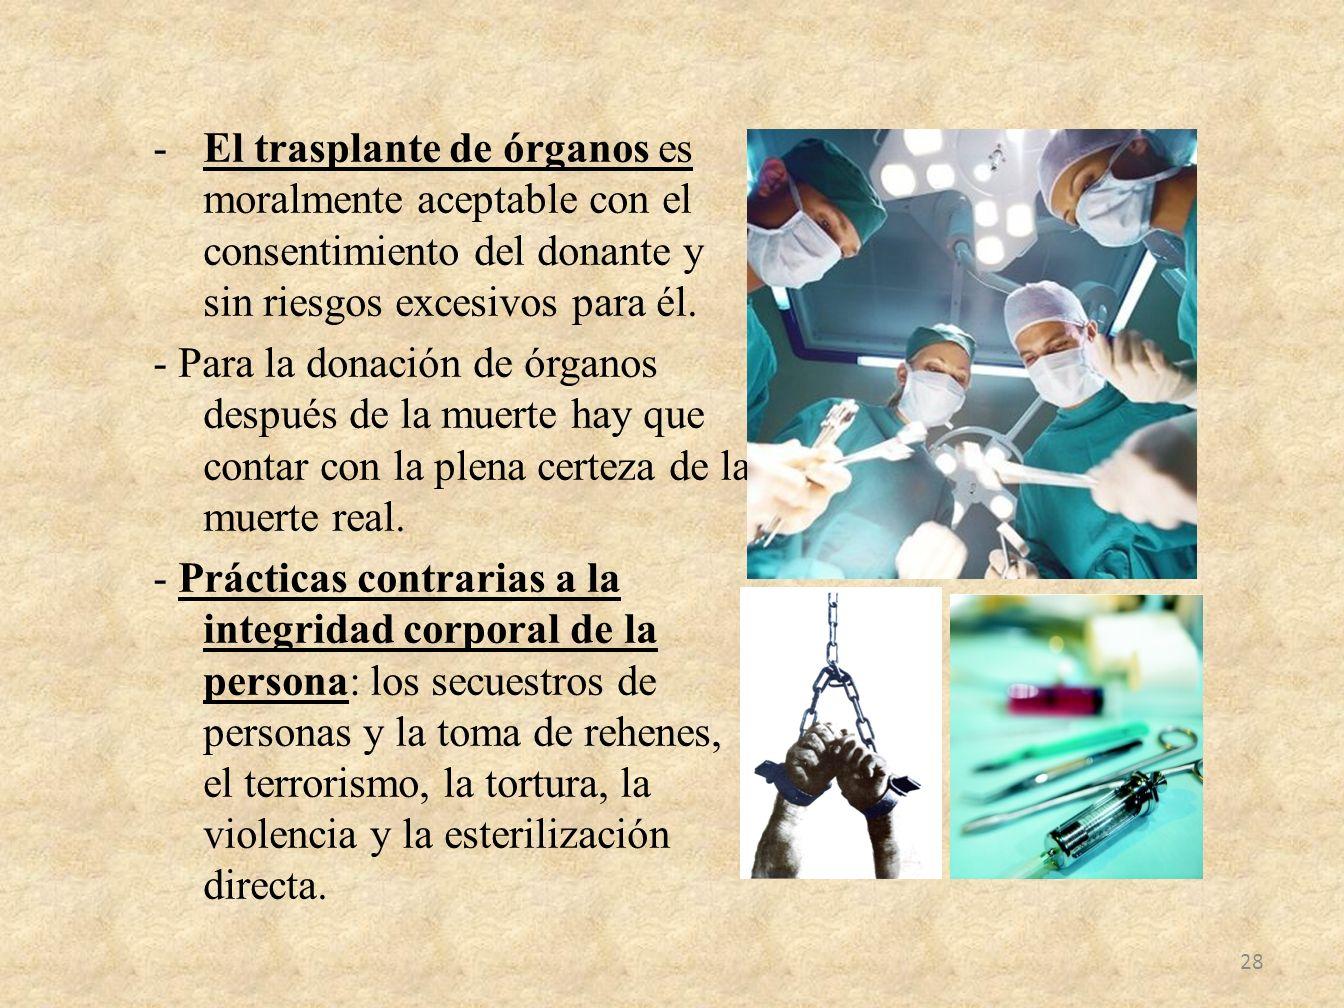 -El trasplante de órganos es moralmente aceptable con el consentimiento del donante y sin riesgos excesivos para él. - Para la donación de órganos des